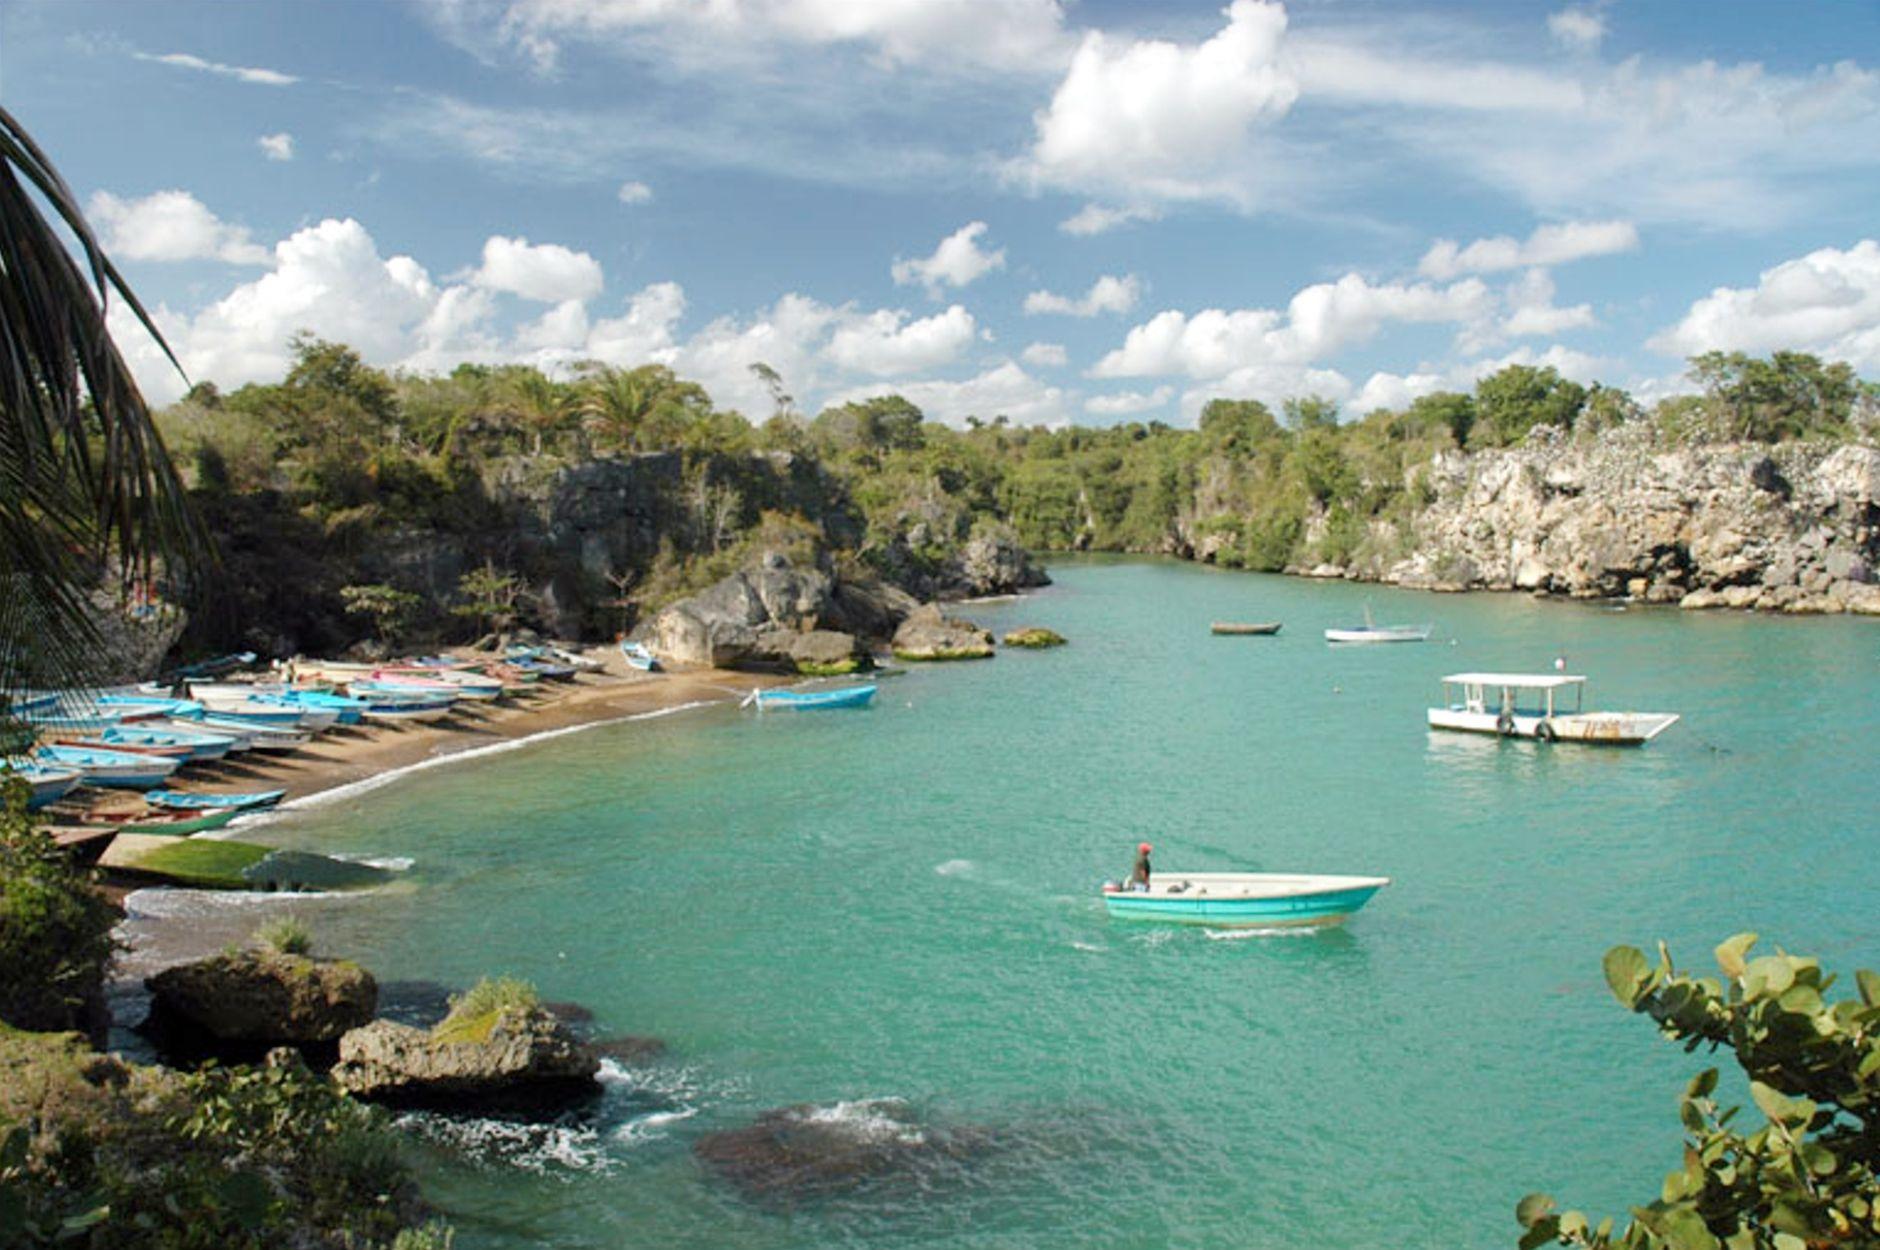 X polos turísticosX Bayahíbe y Punta CanaX Club Náutico de Santo DomingoX Boca de YumaX Torneo Internacional Pesca del Pez VelaX cueva de Los BernardX paraíso tranquiloX apacible y un amanecer luminoso e inolvidable